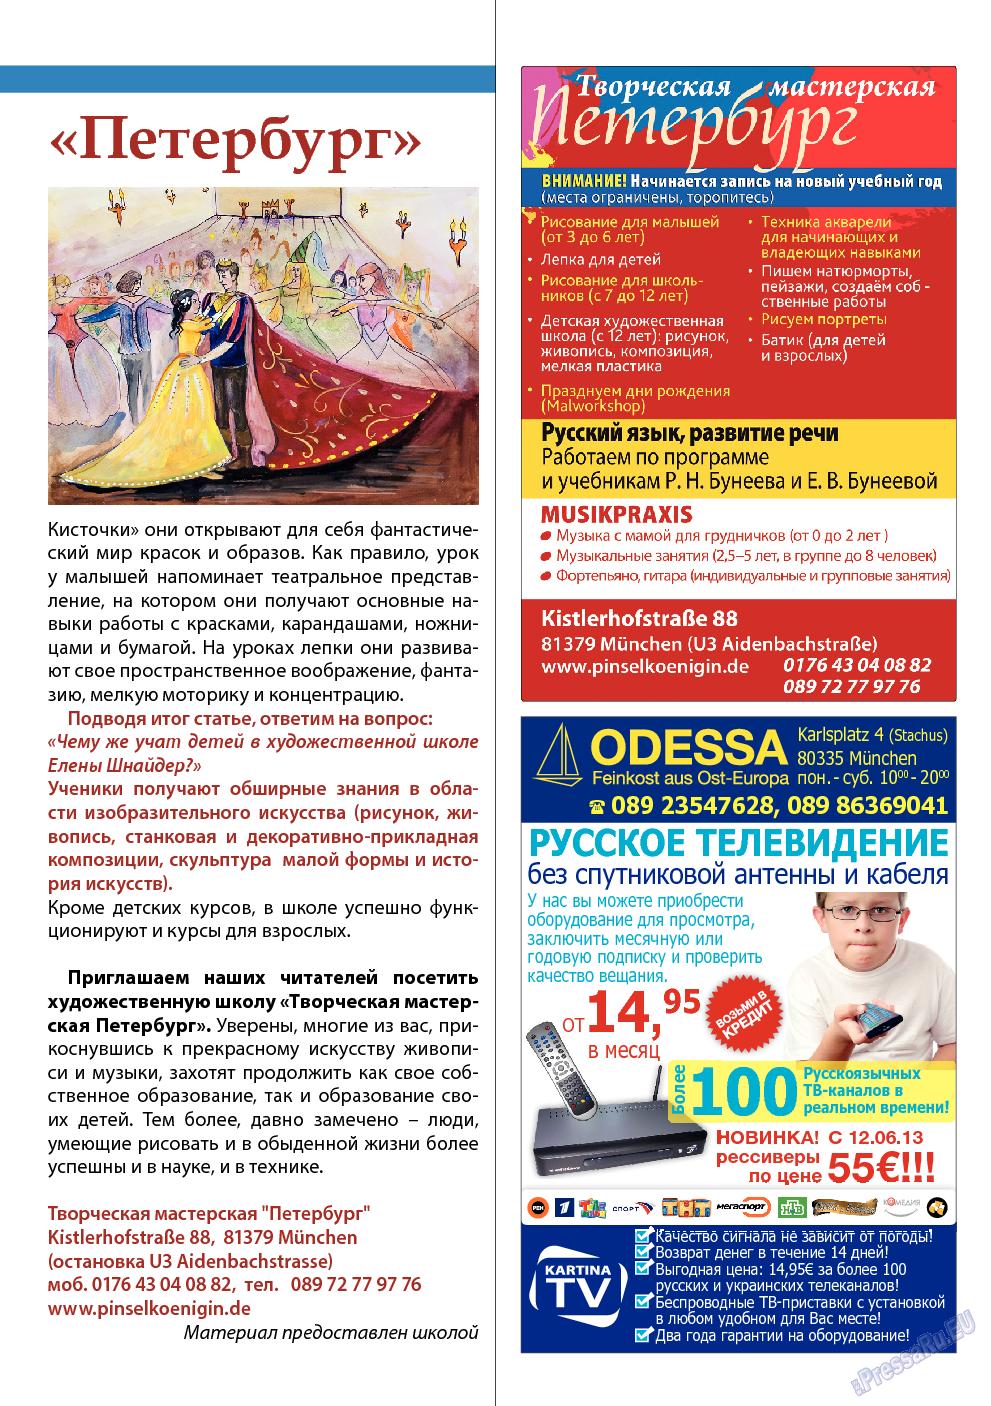 Апельсин (журнал). 2013 год, номер 51, стр. 29